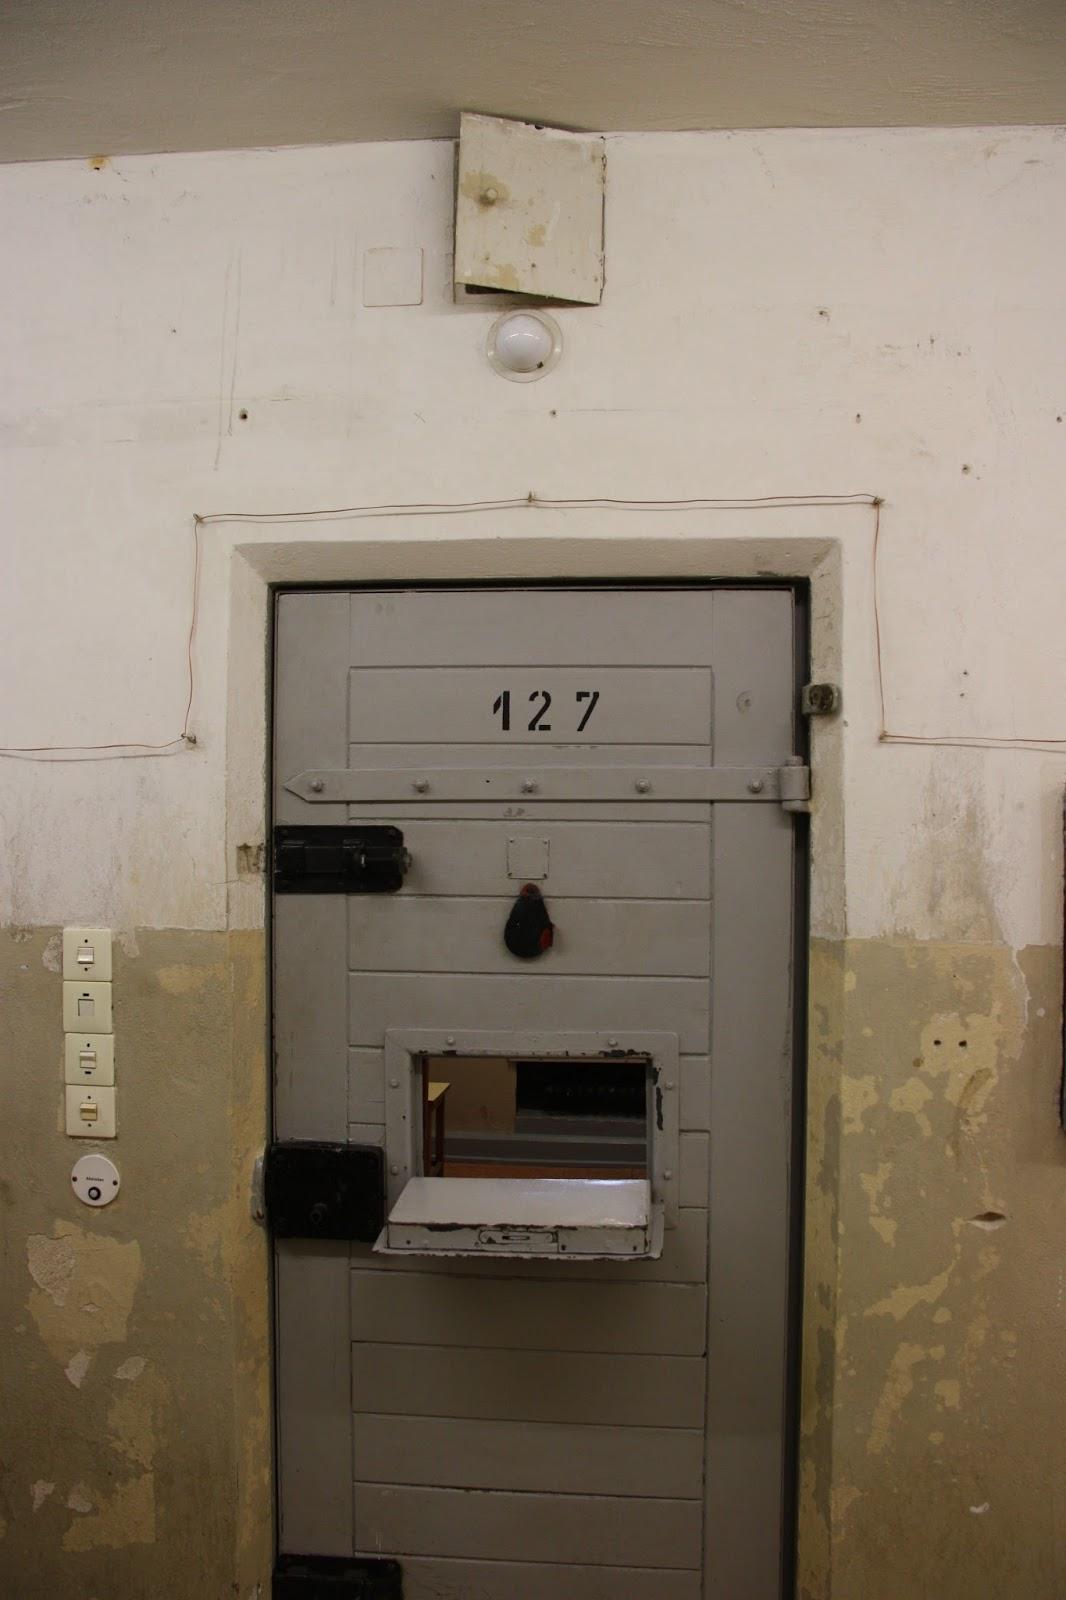 #5D4C34 LUMINÁRIA 470 Janelas Duplas Isolamento